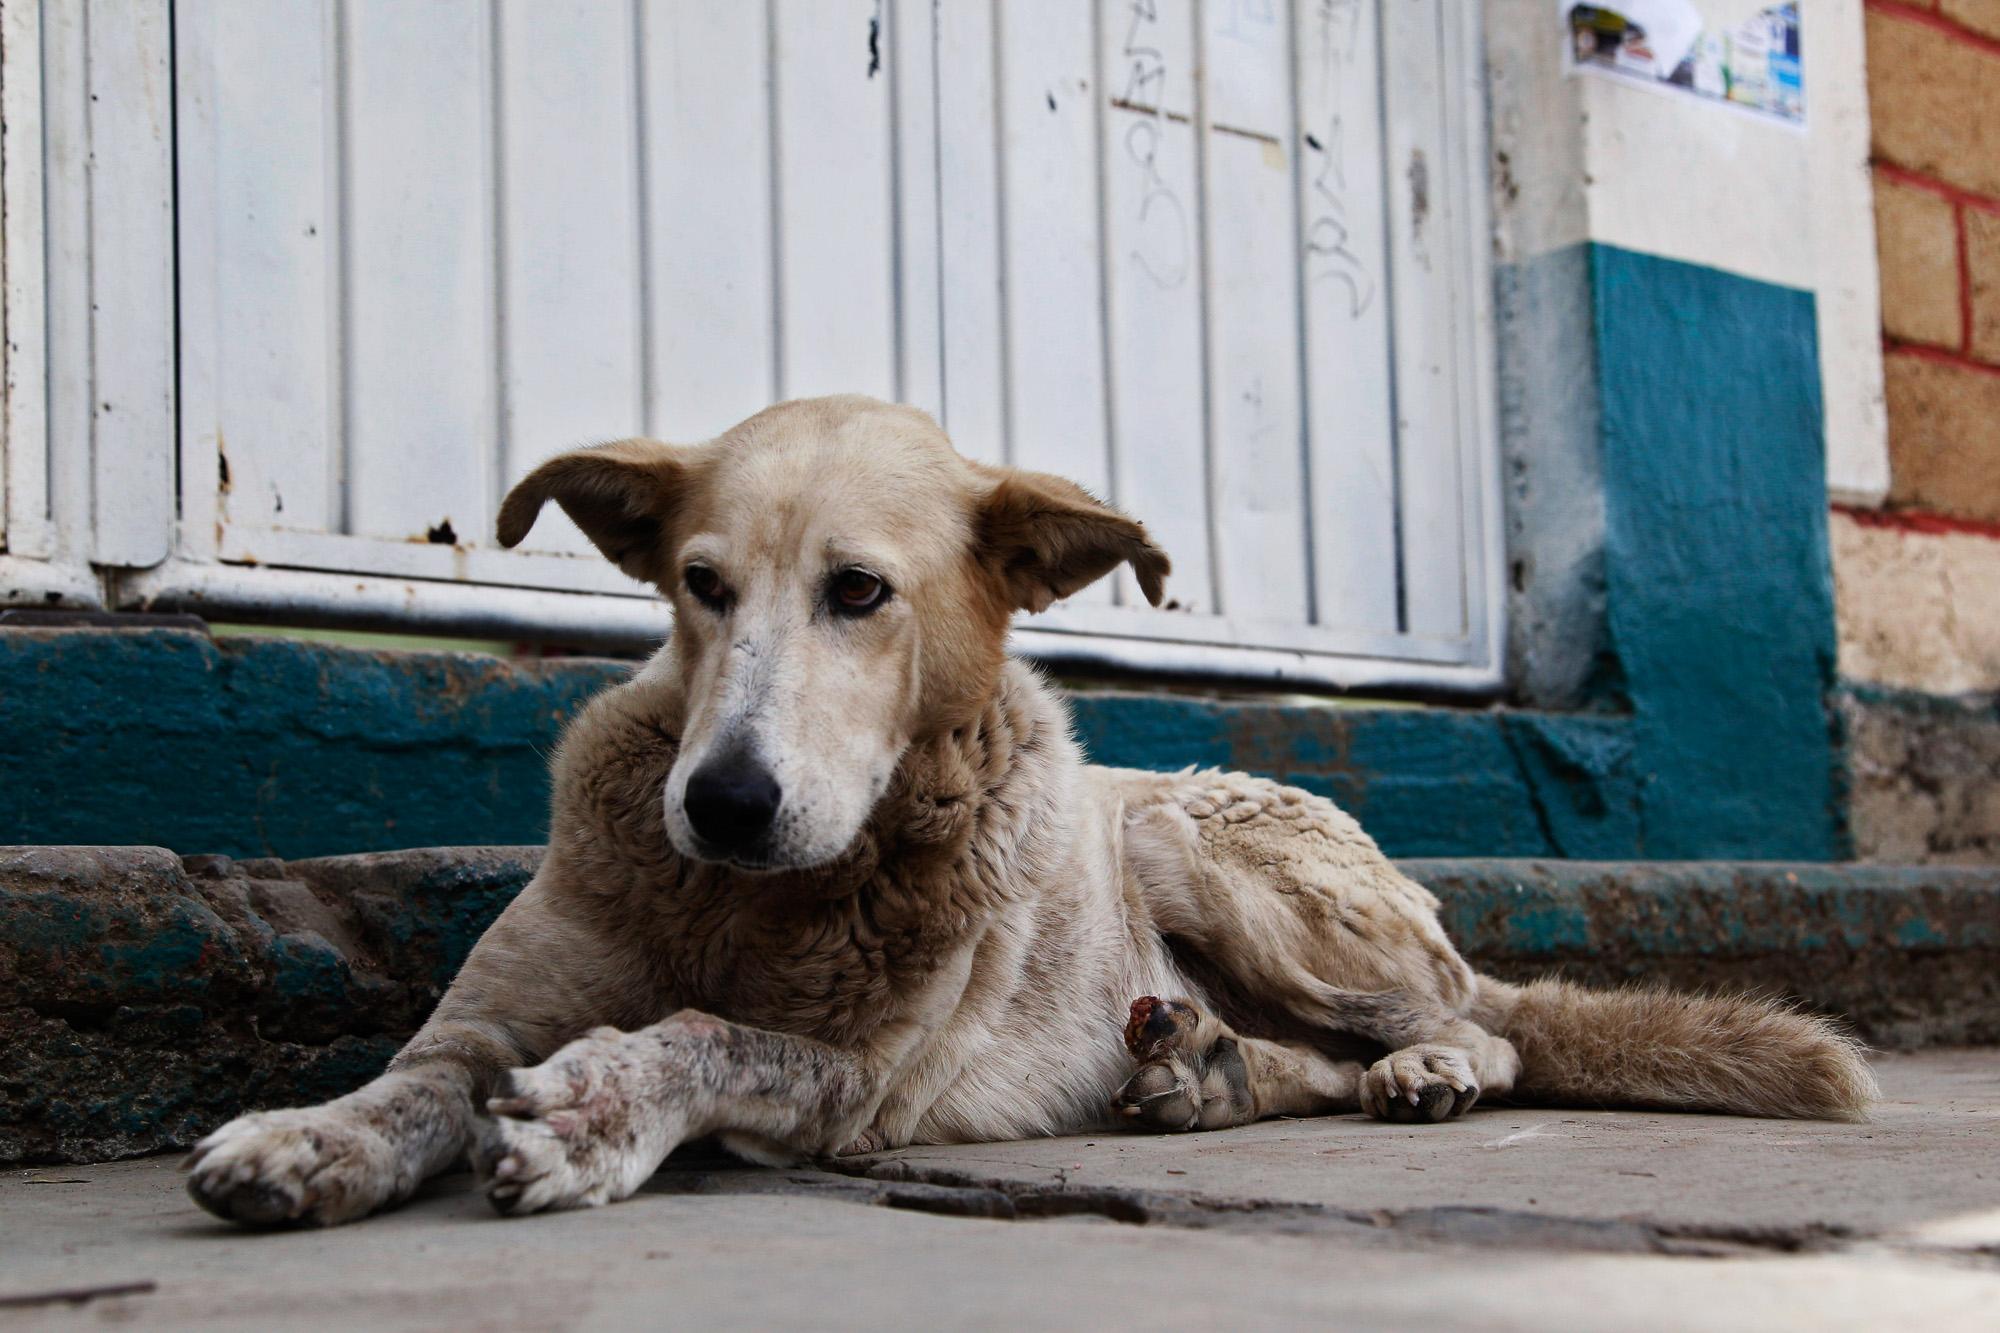 За жестокое обращение с животными в Мексике будут сажать на 8 лет